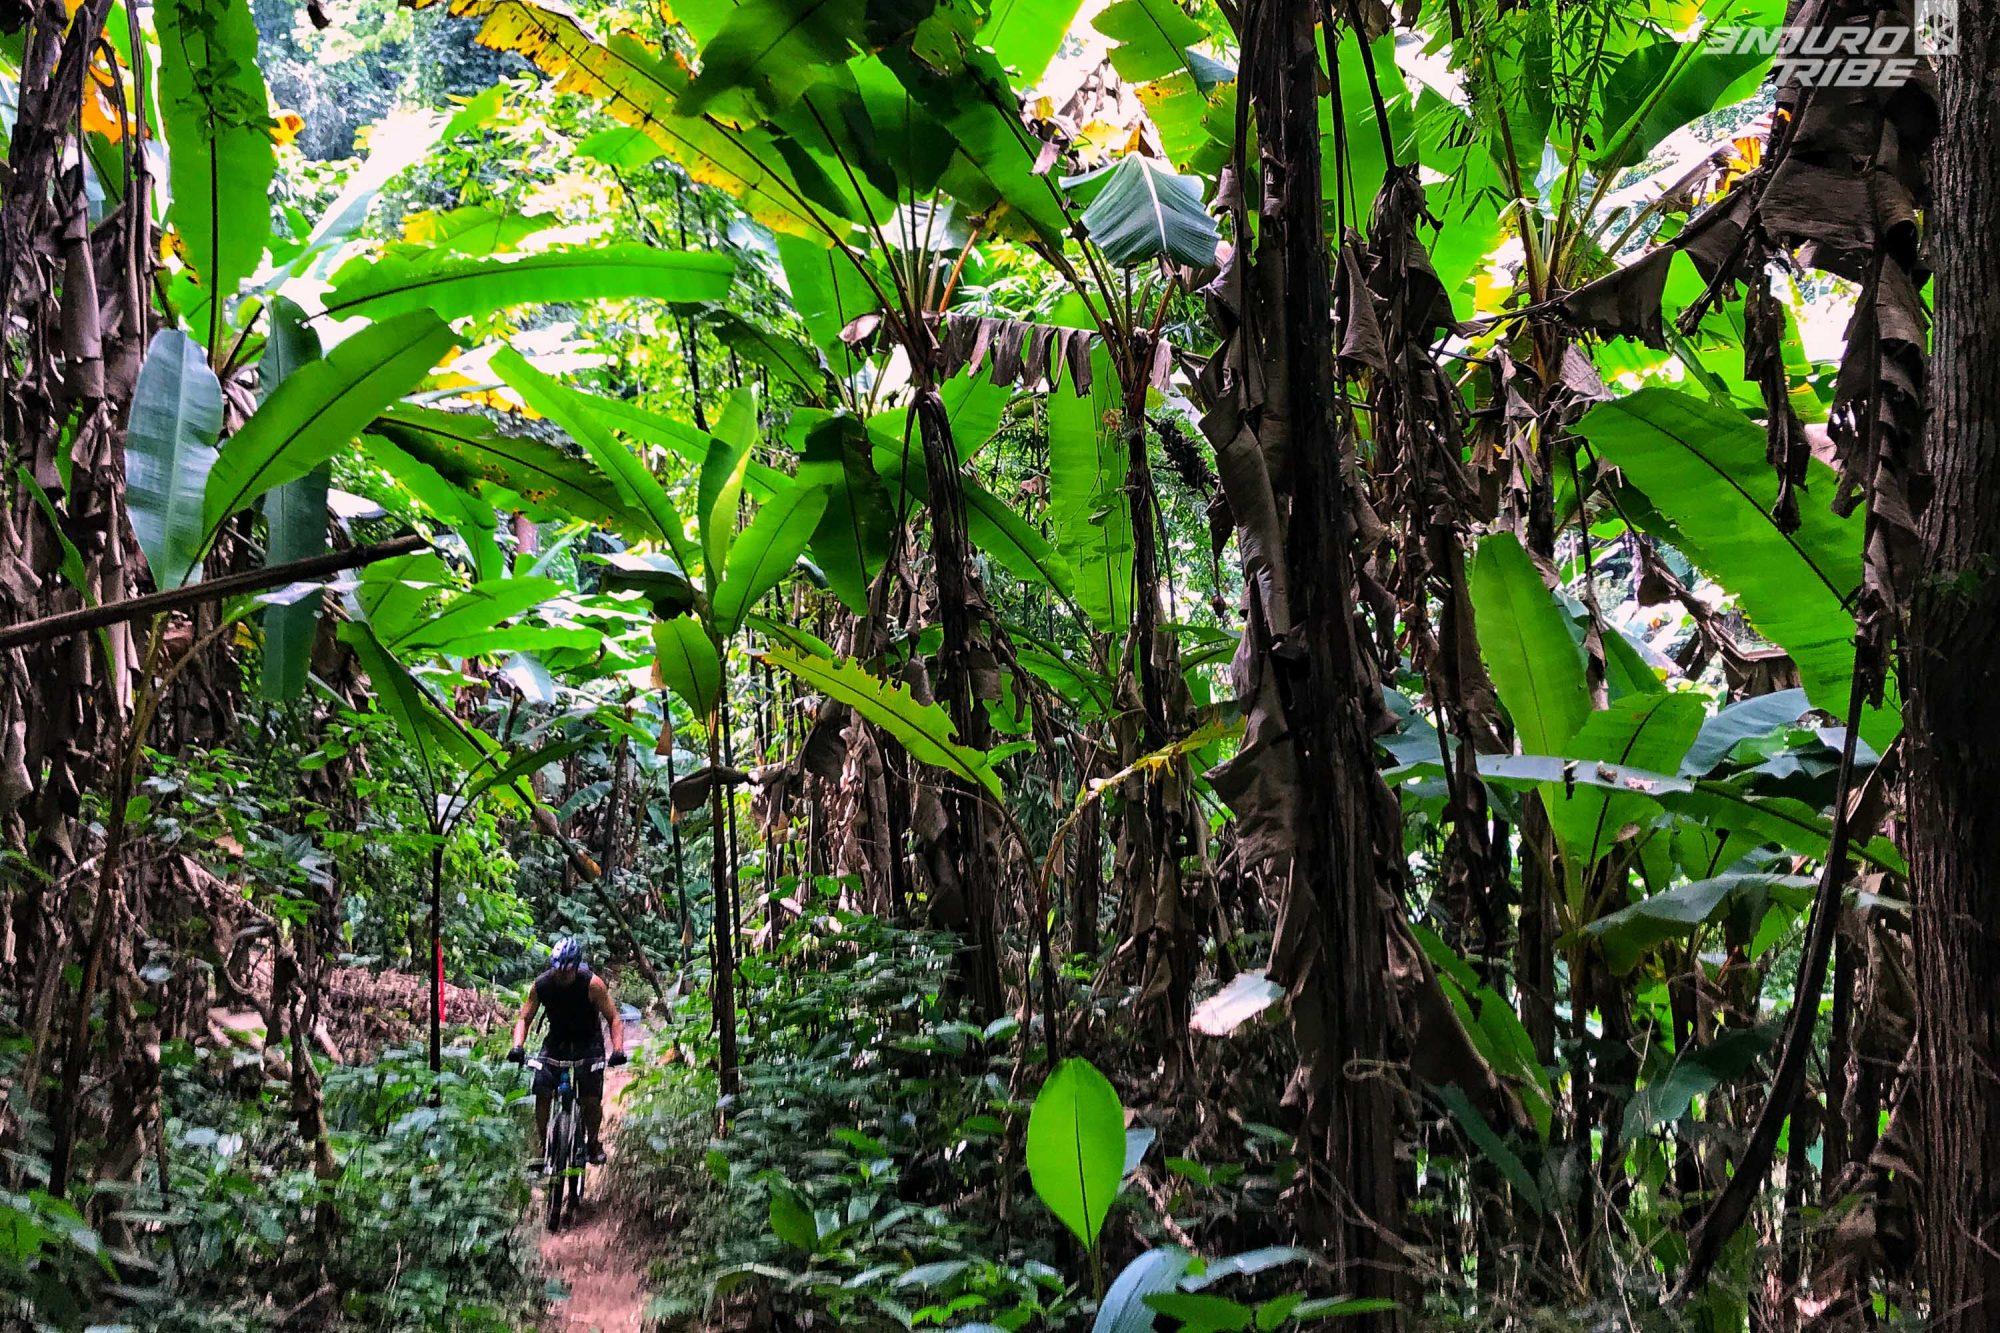 Si vous raffolez de banane, les plantations sont nombreuses dans le coin